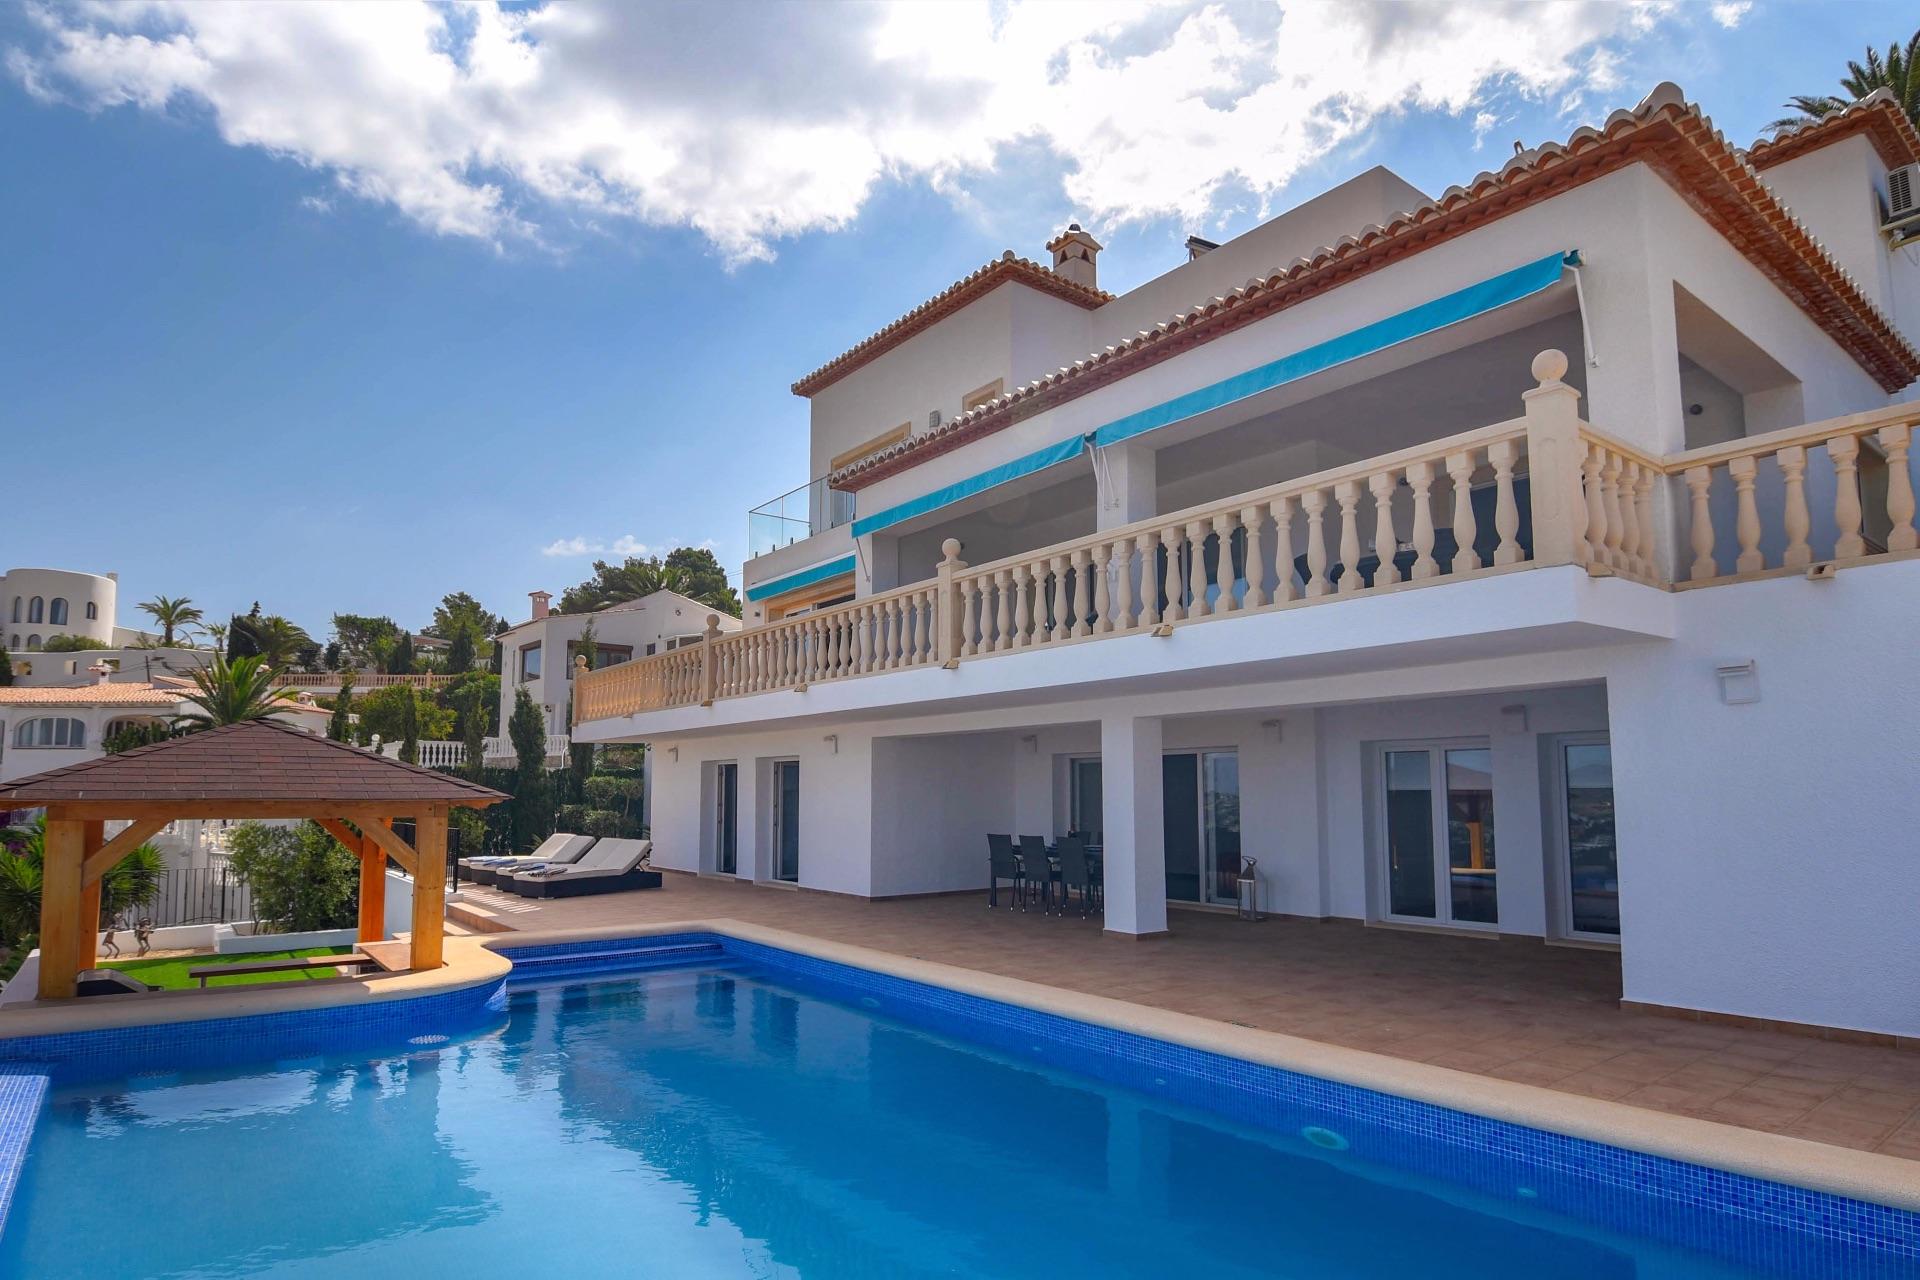 Villa in Teulada, holiday rentals